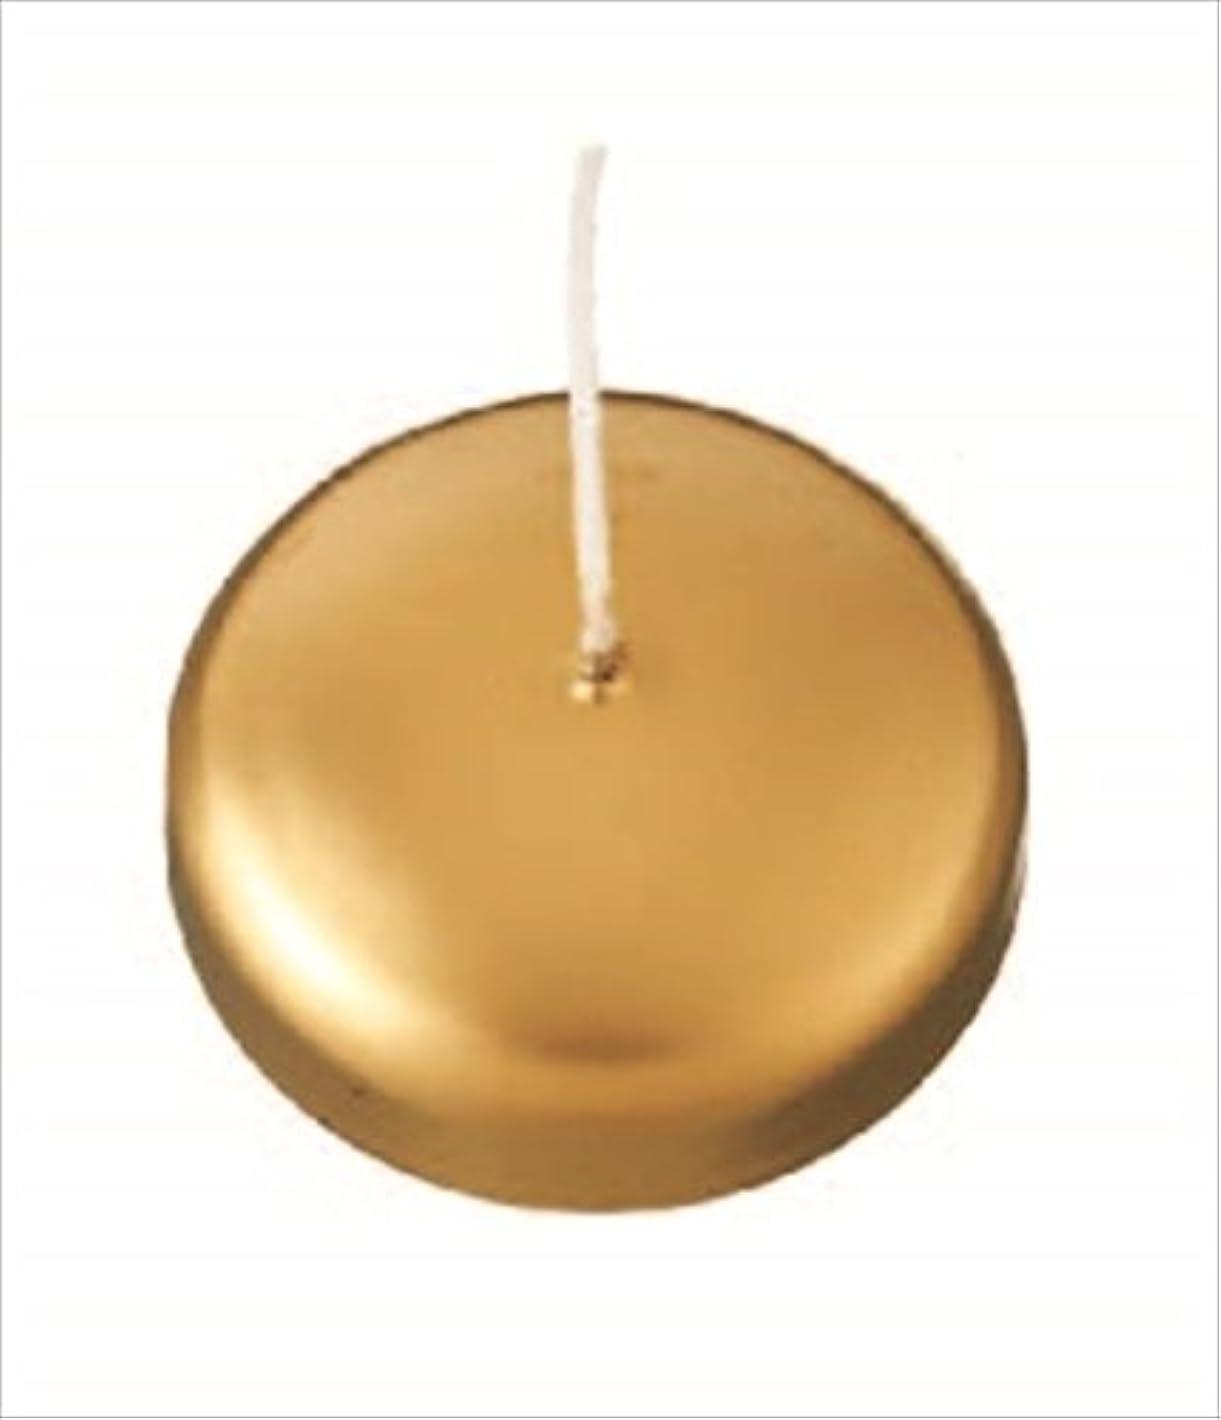 消すアレルギー職人カメヤマキャンドル(kameyama candle) プール80 「 ゴールド 」